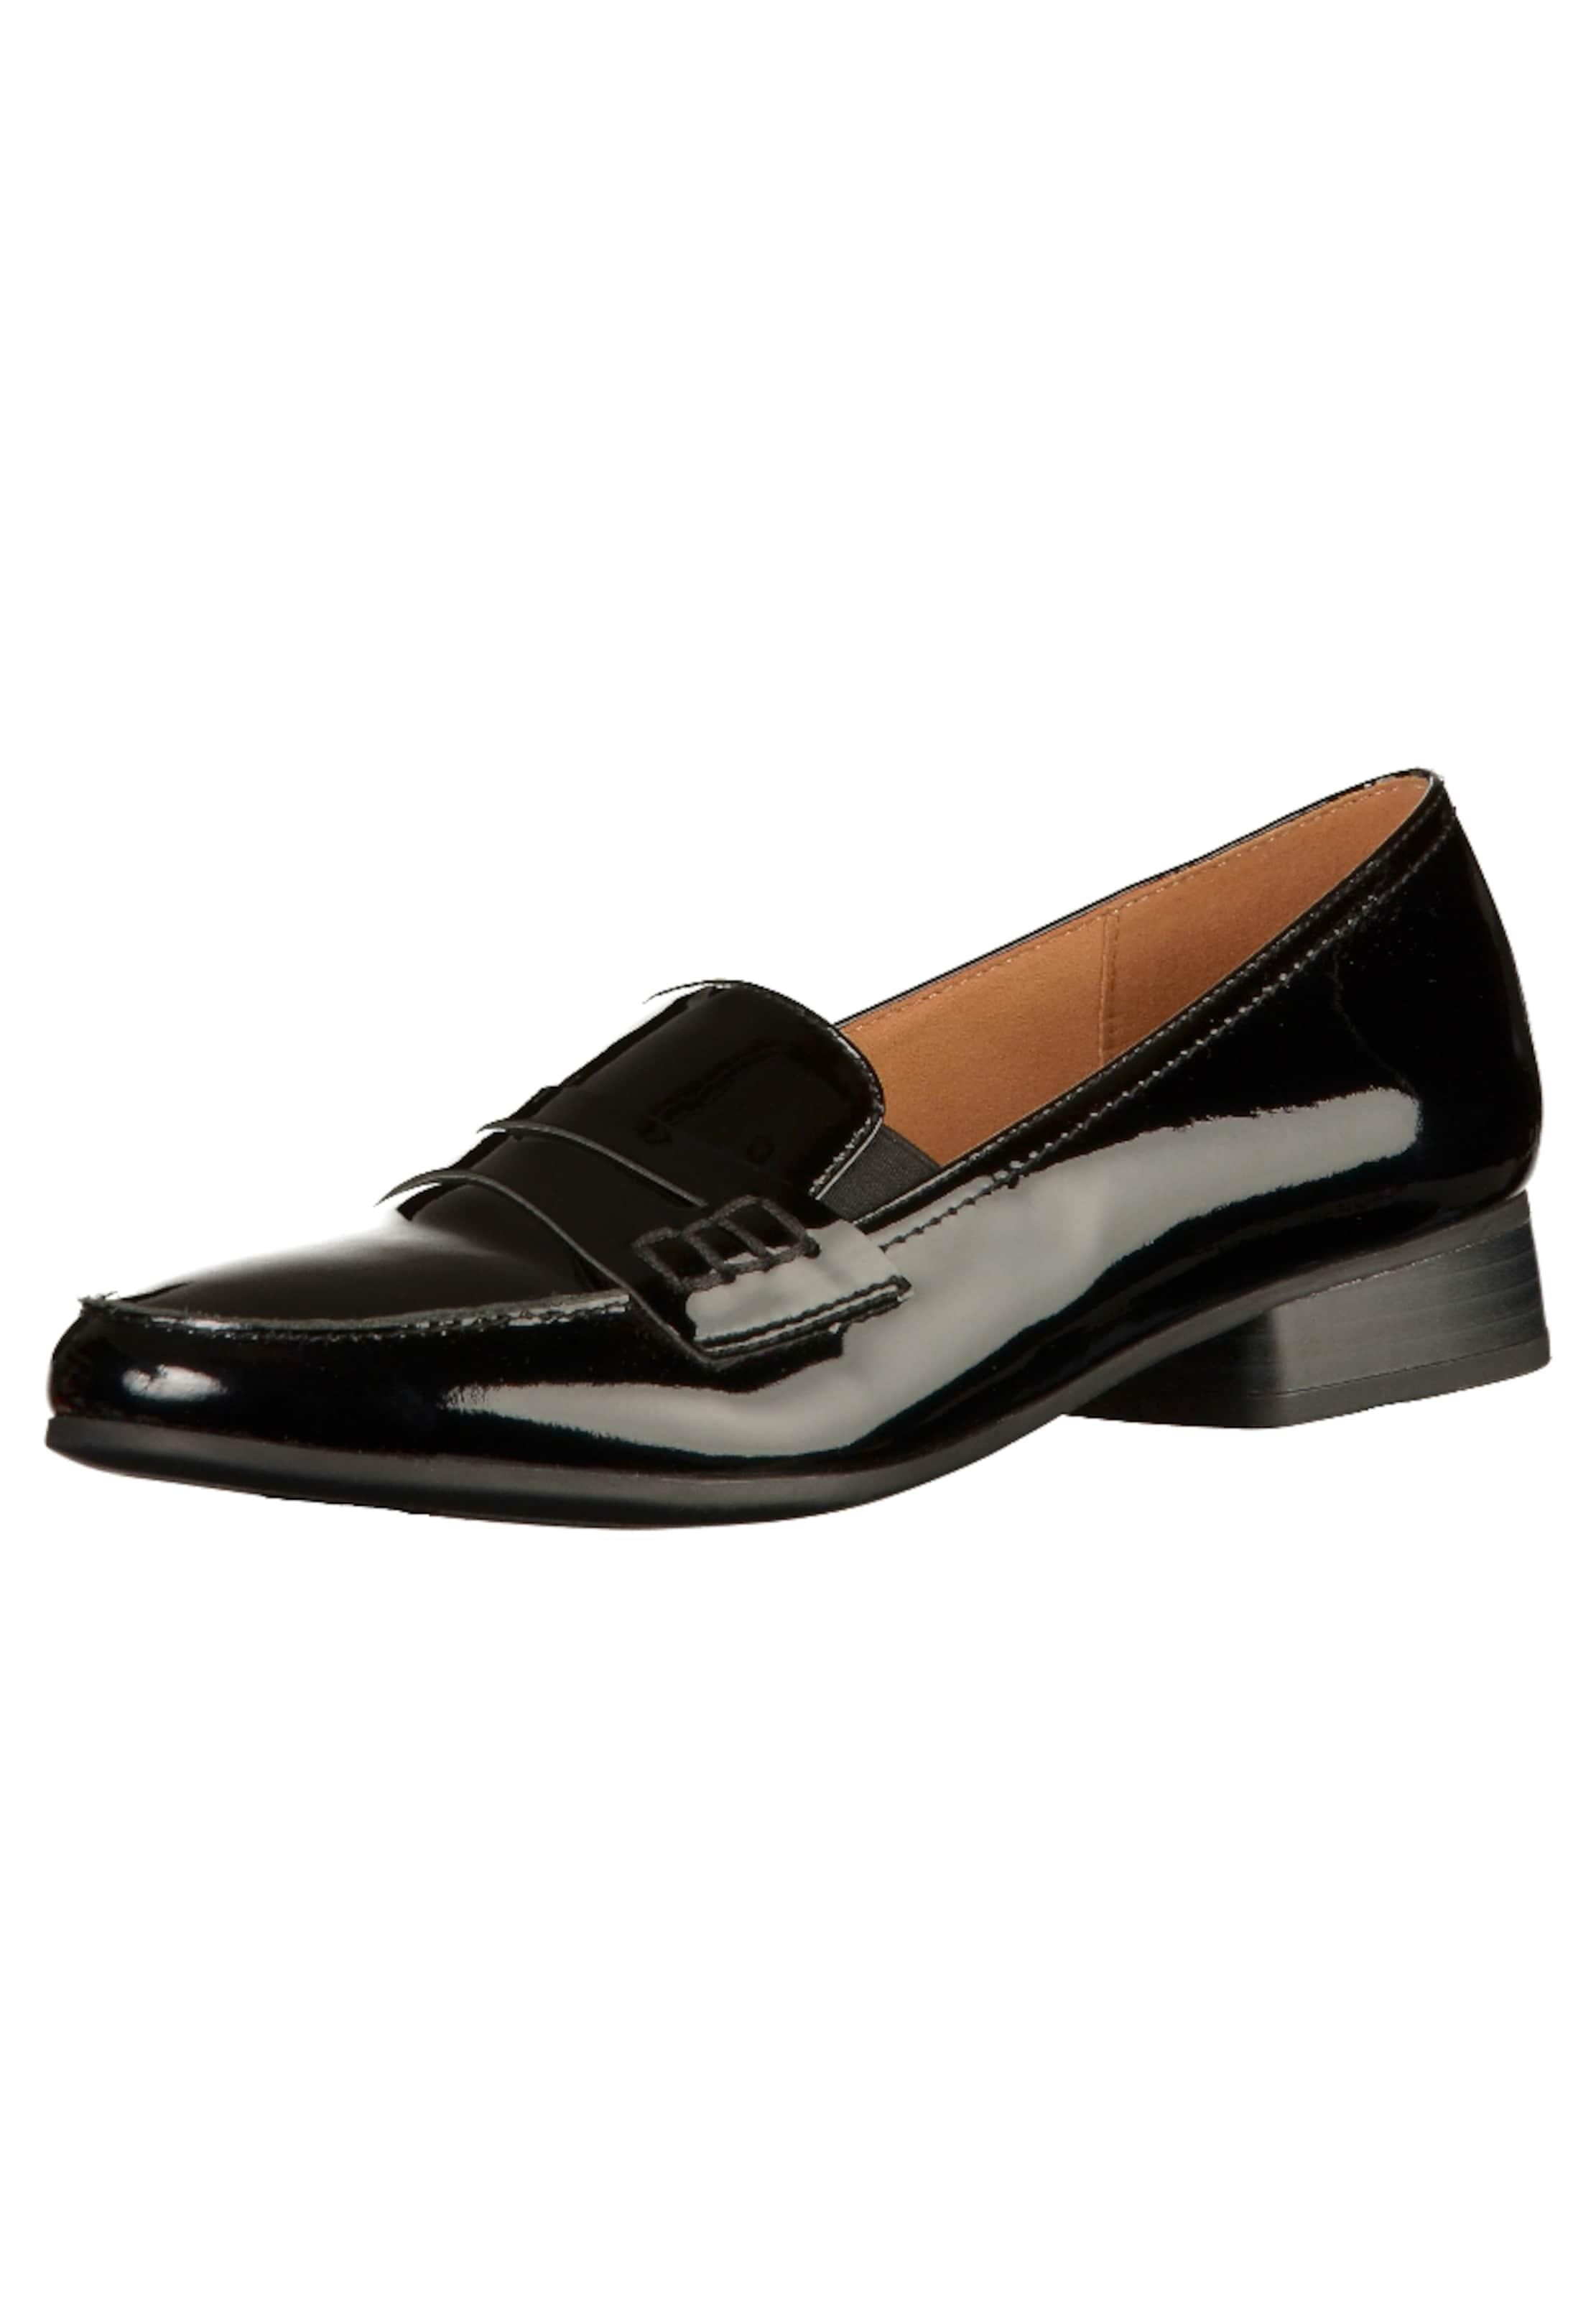 CAPRICE Slipper Verschleißfeste billige Schuhe Hohe Qualität